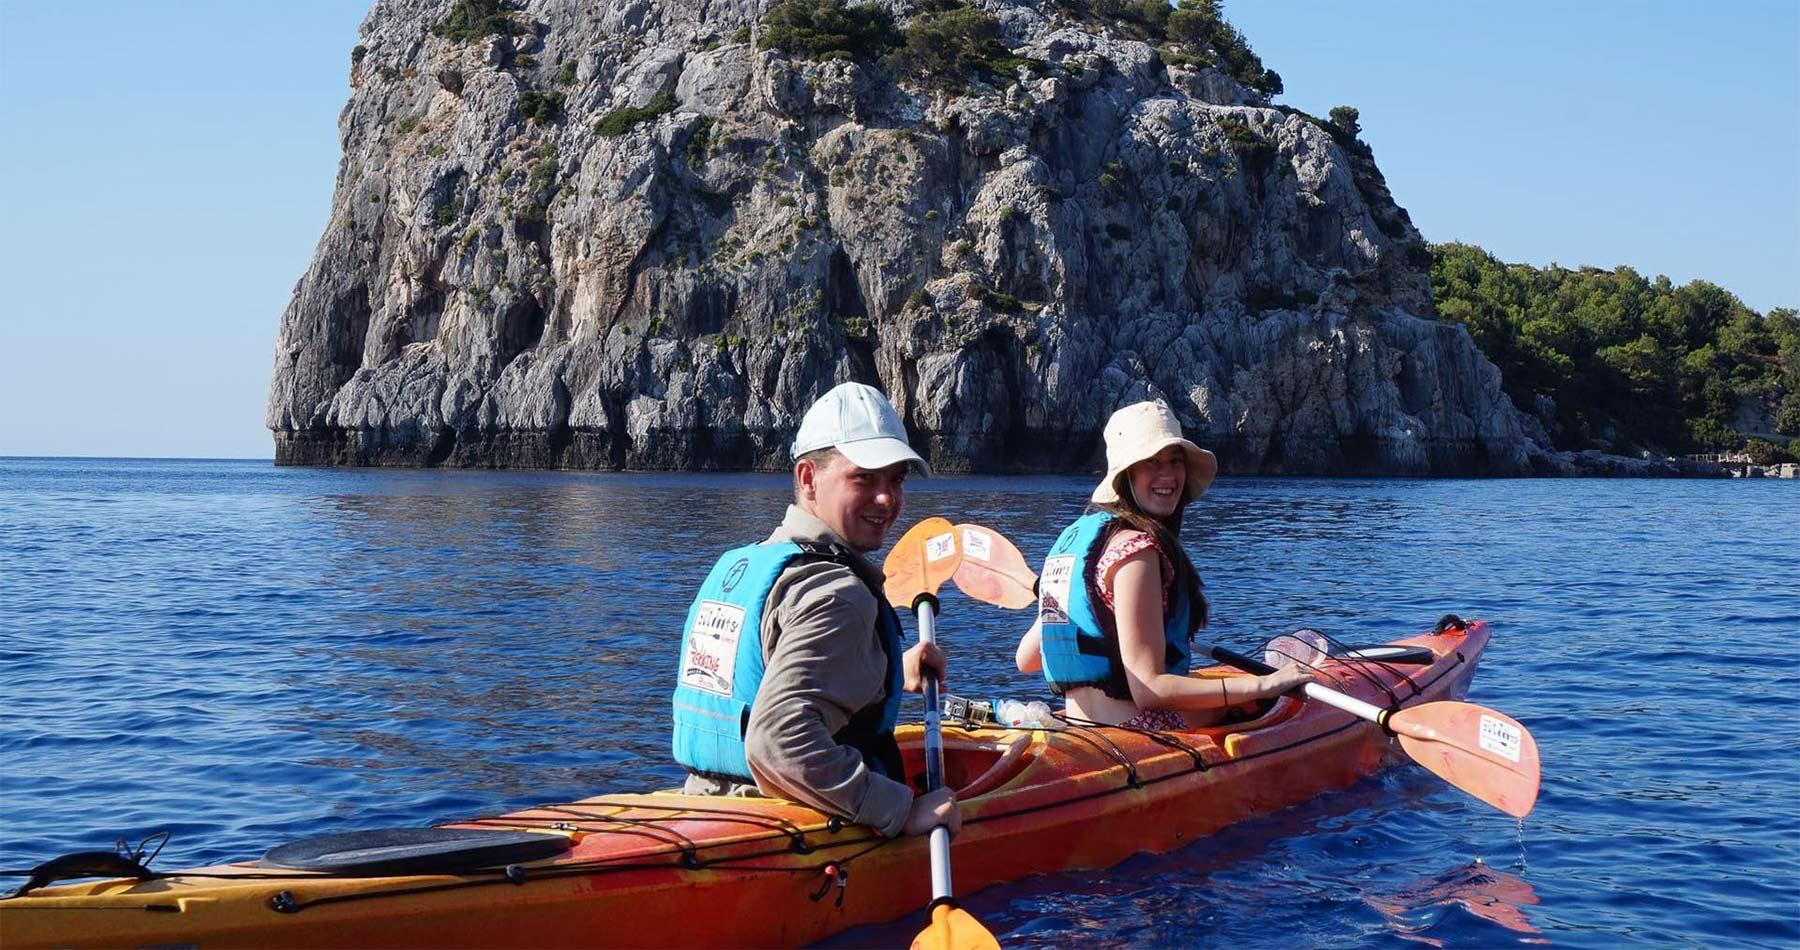 Rhodes Experiences sea kayaking tour the pirates route 2